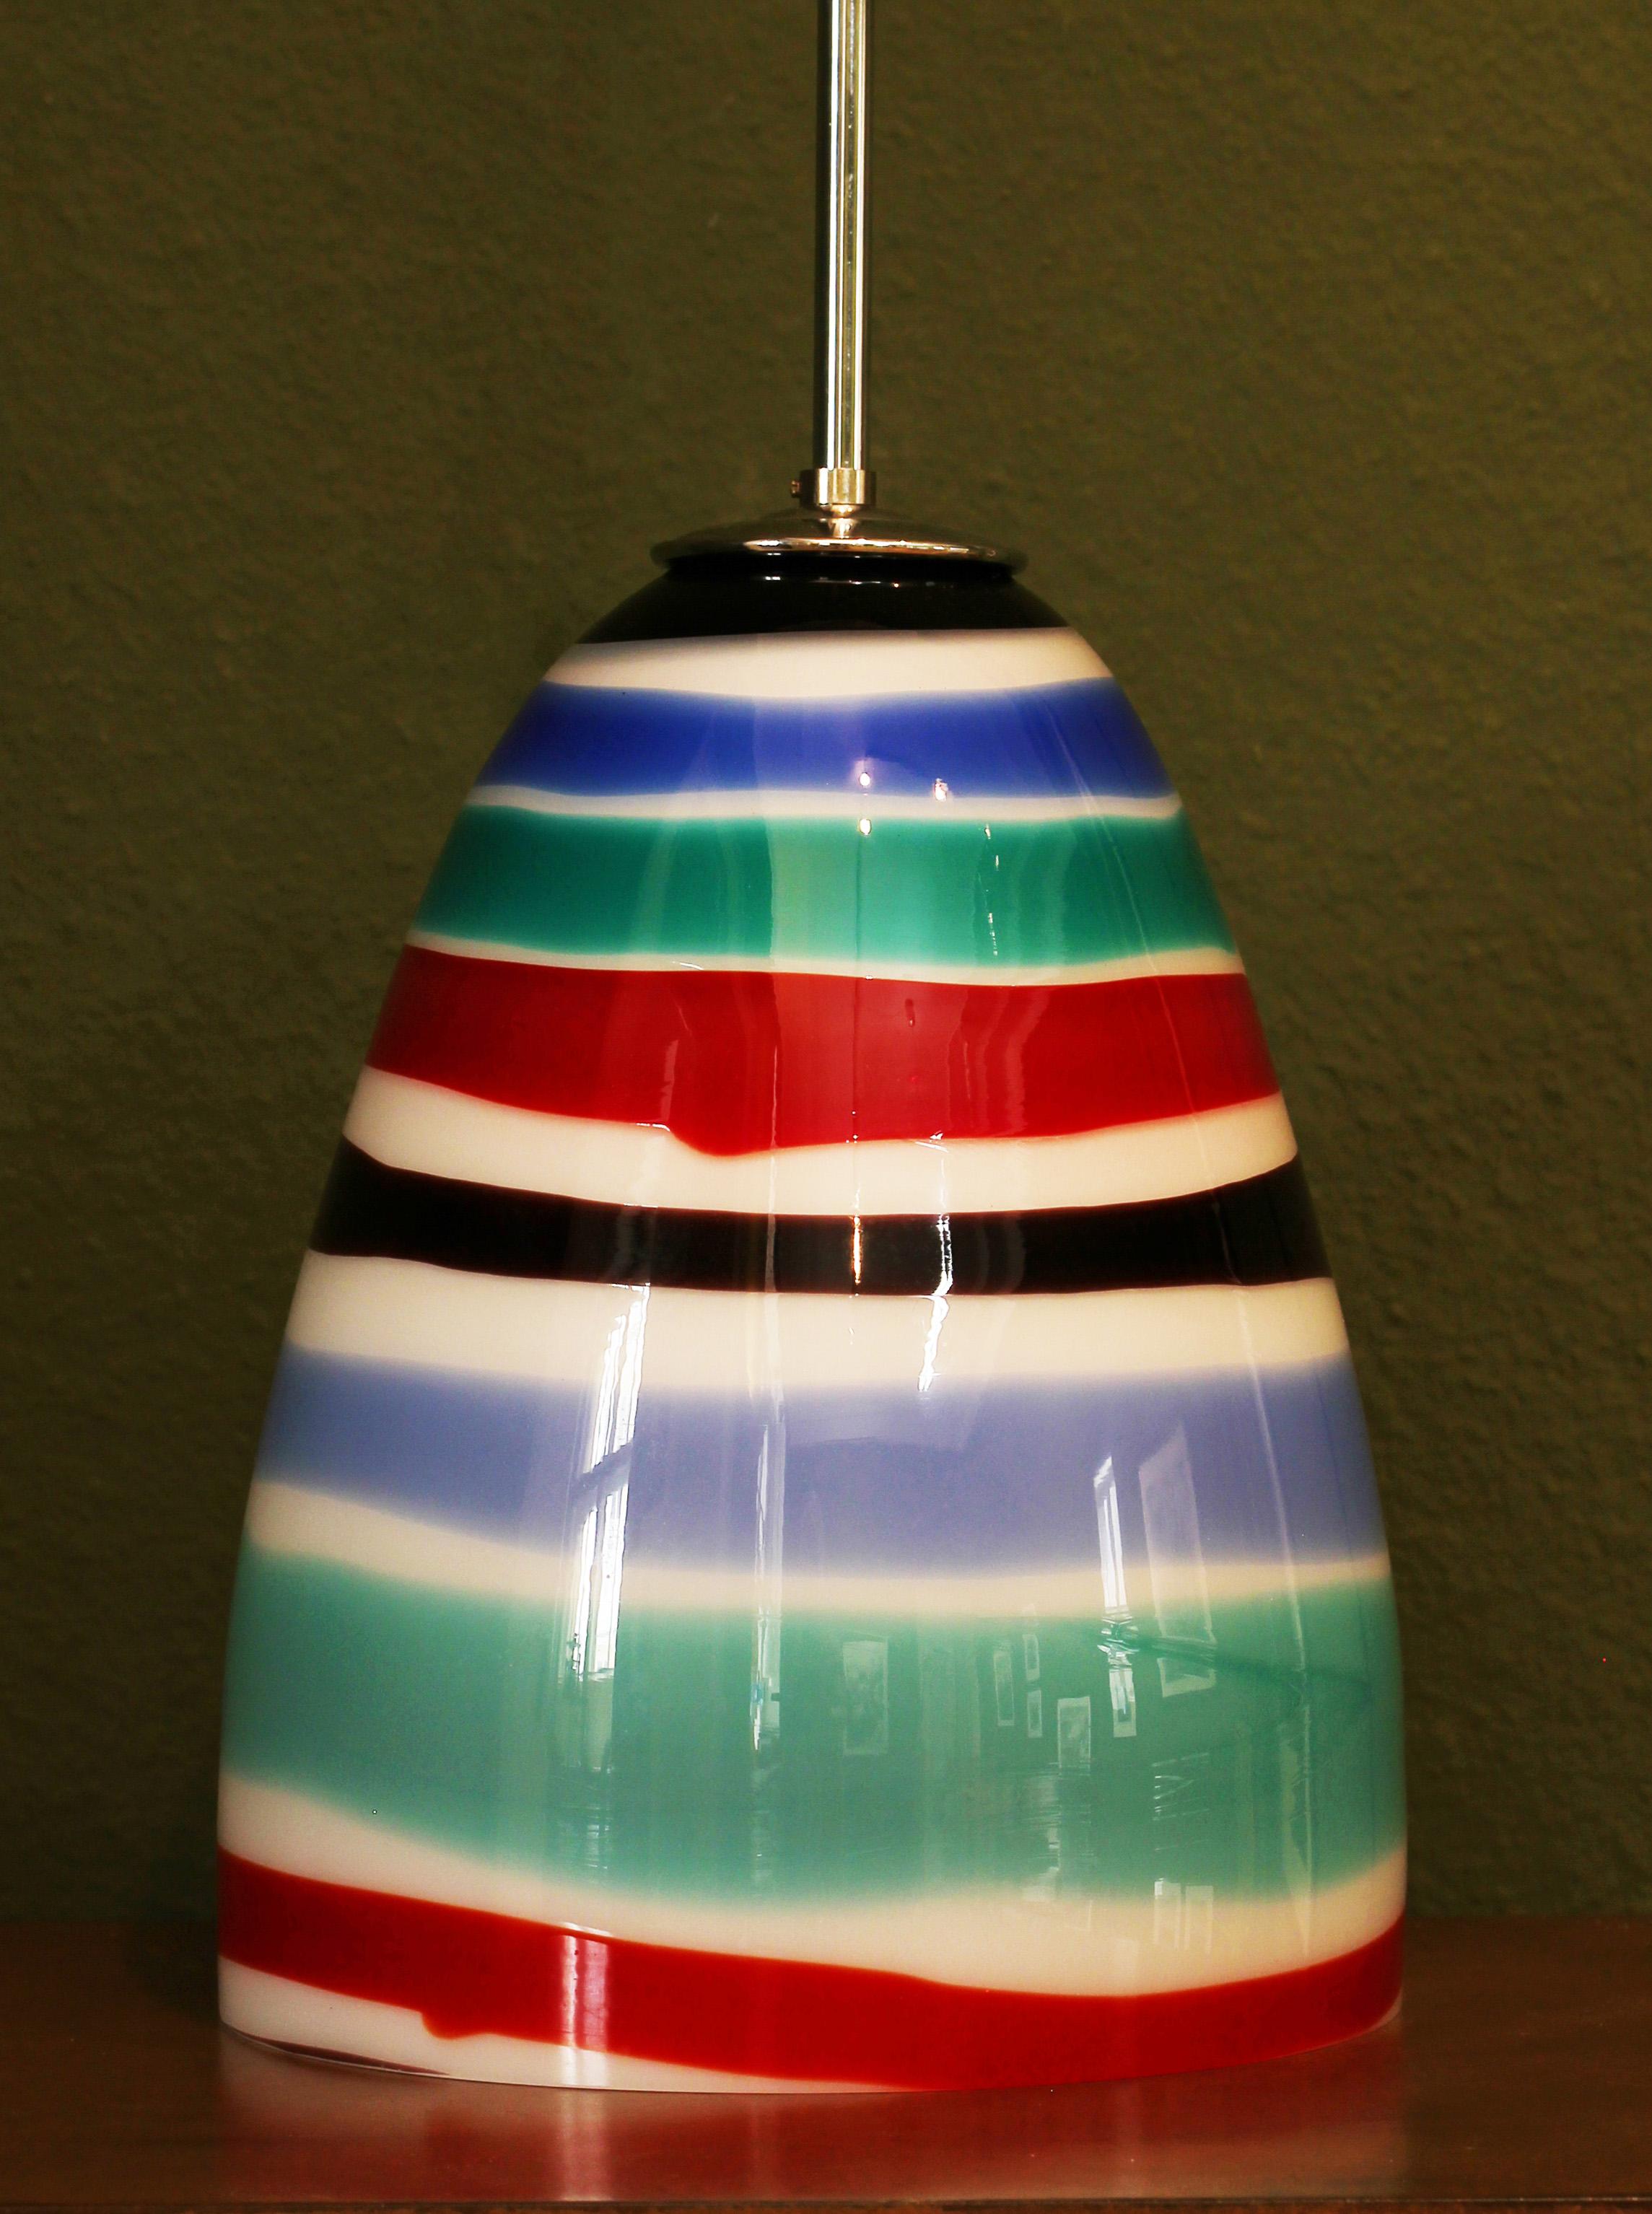 VENINI lamp by Massimo Vignelli